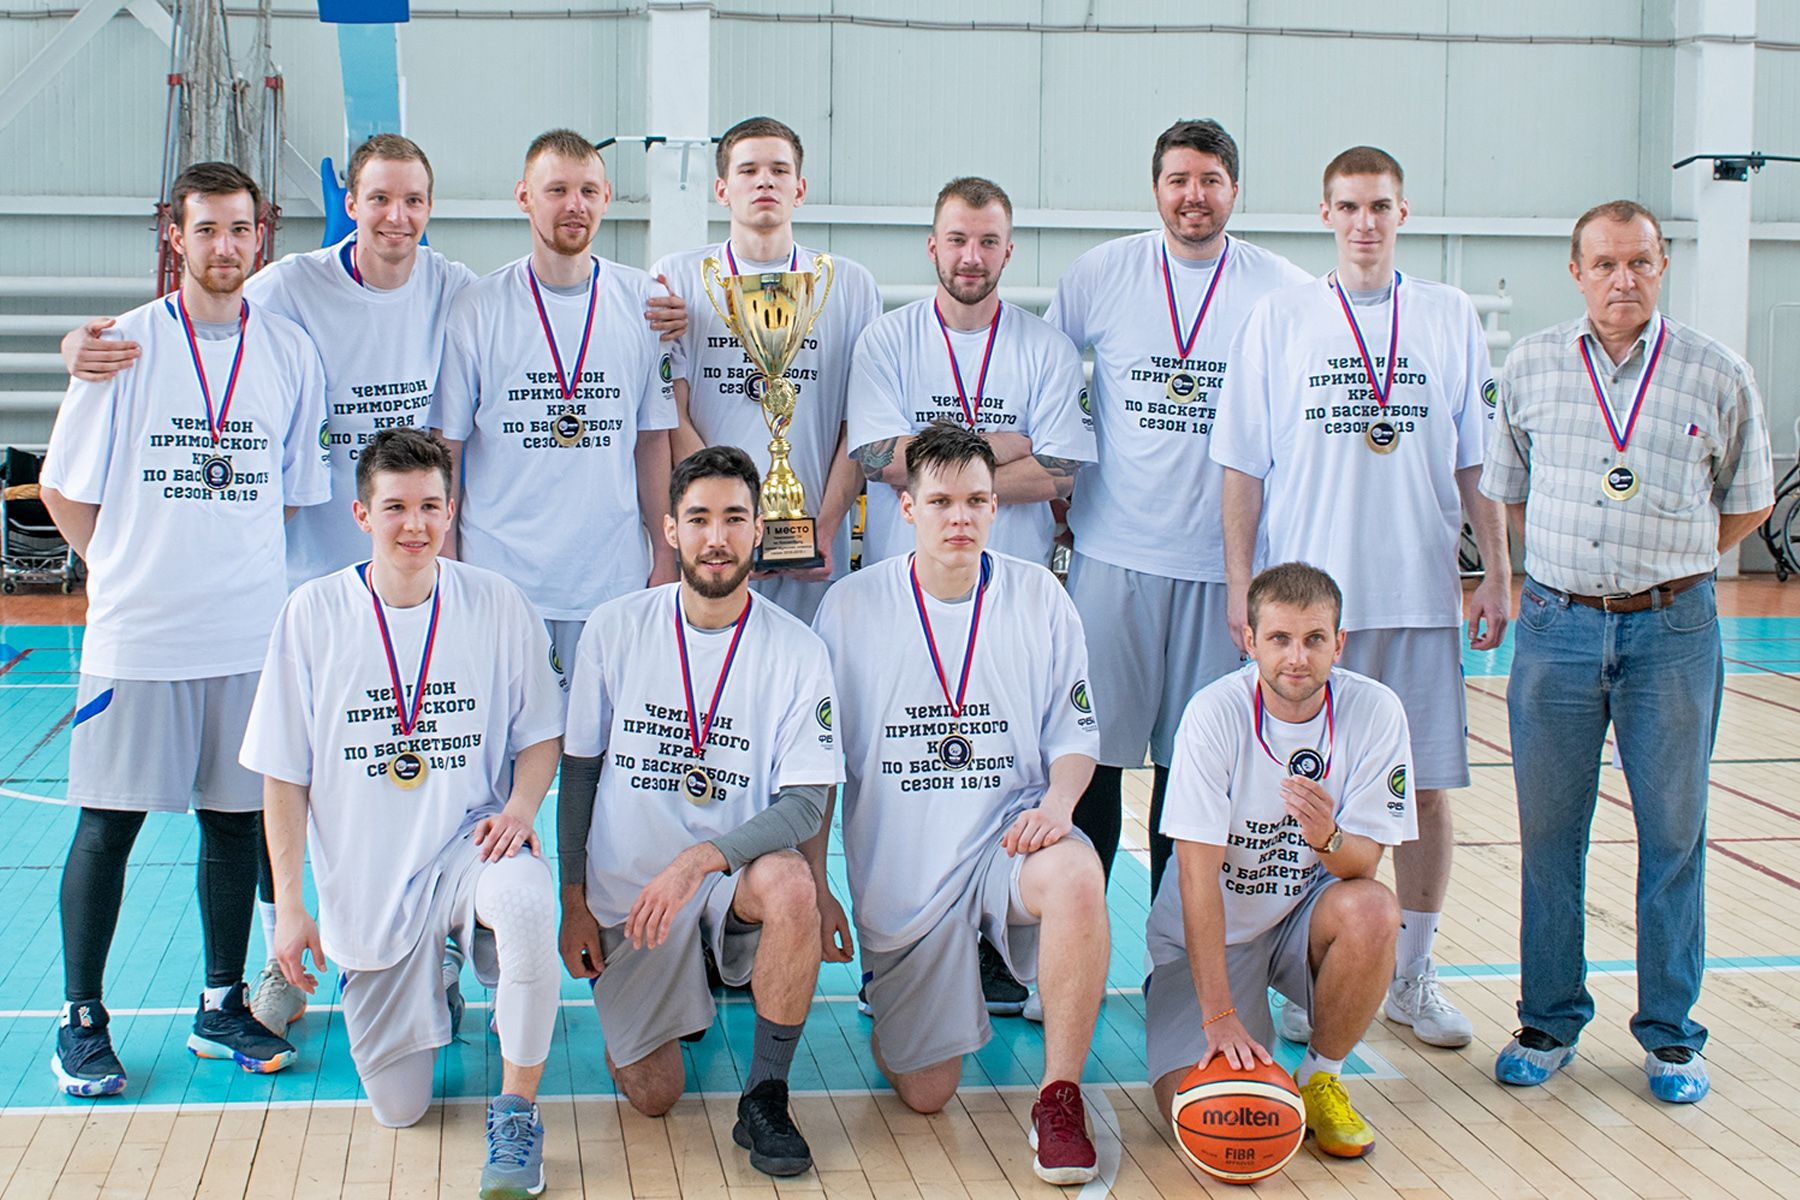 Баскетболисты ВГУЭС - чемпионы Приморского края сезона 2018-2019